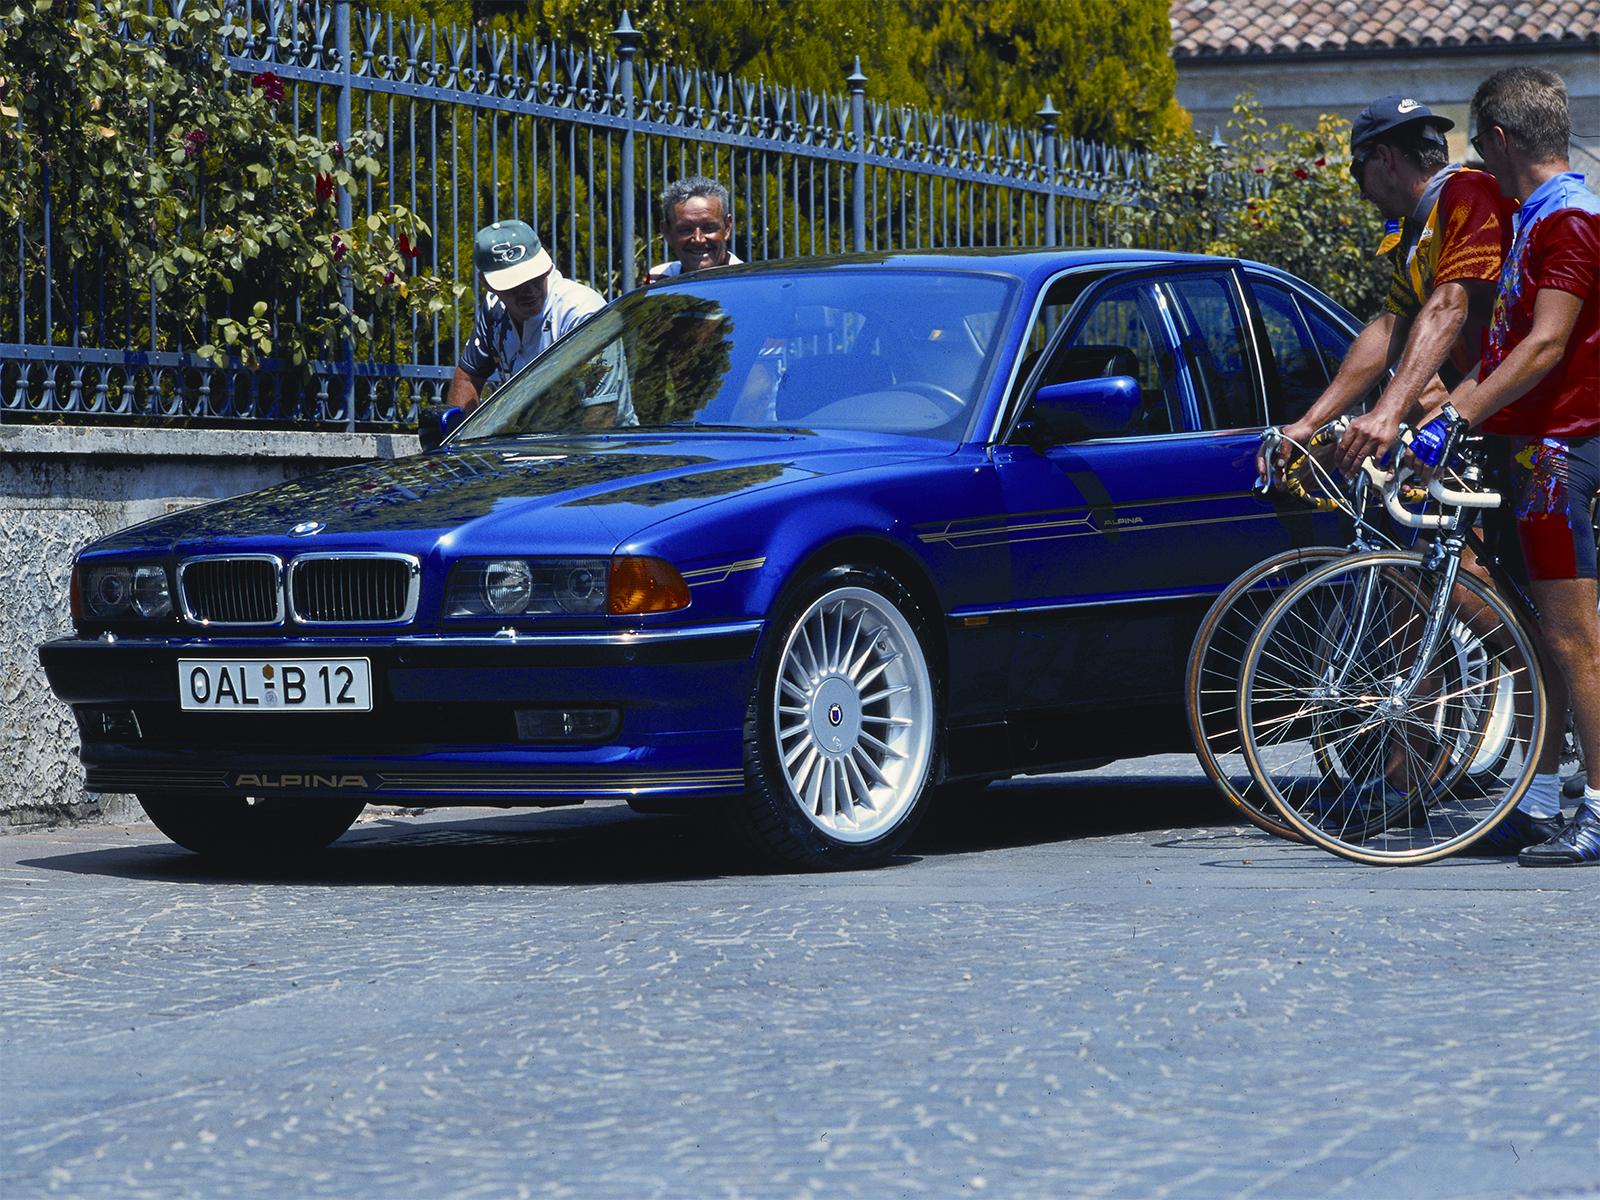 BMW ALPINA B12 57 E KAT